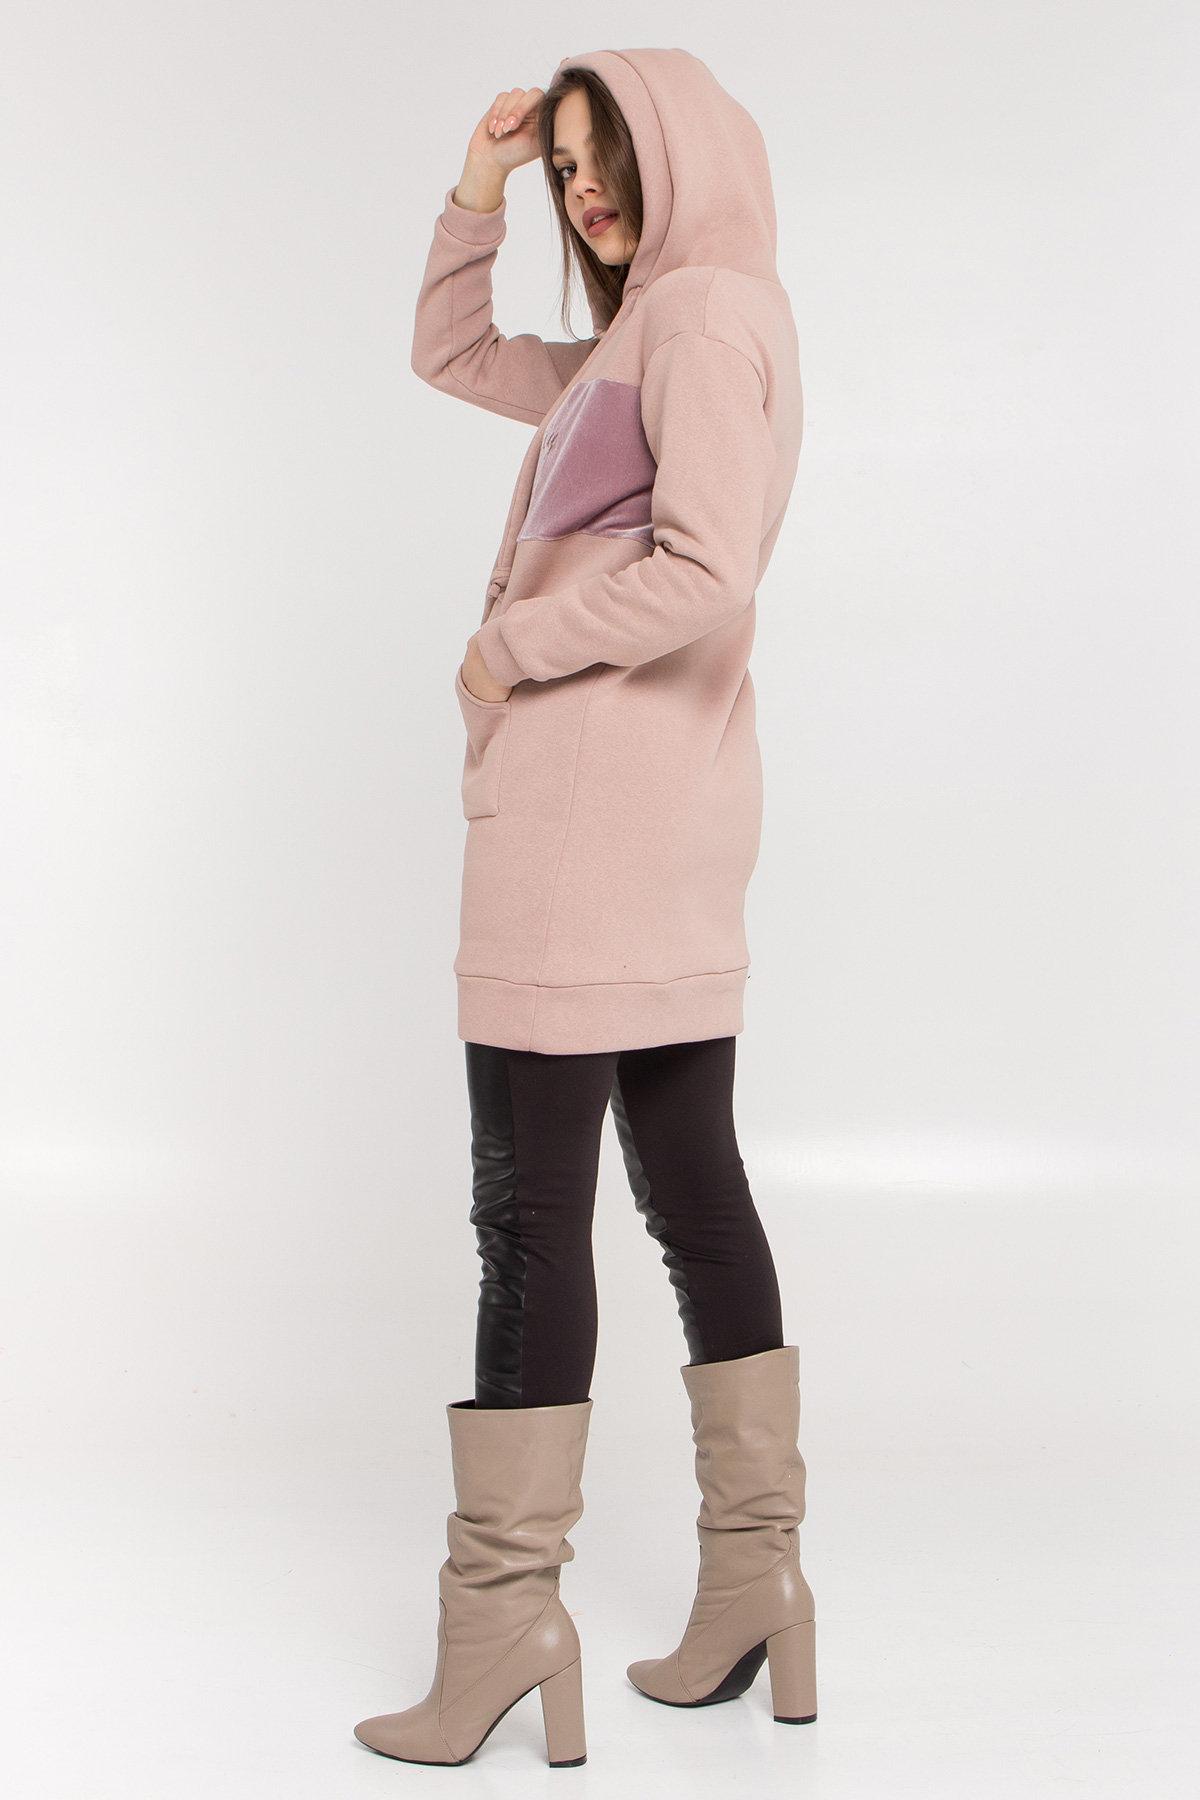 Платье худи Томми 8703 АРТ. 45101 Цвет: Бежевый/бежевый - фото 4, интернет магазин tm-modus.ru